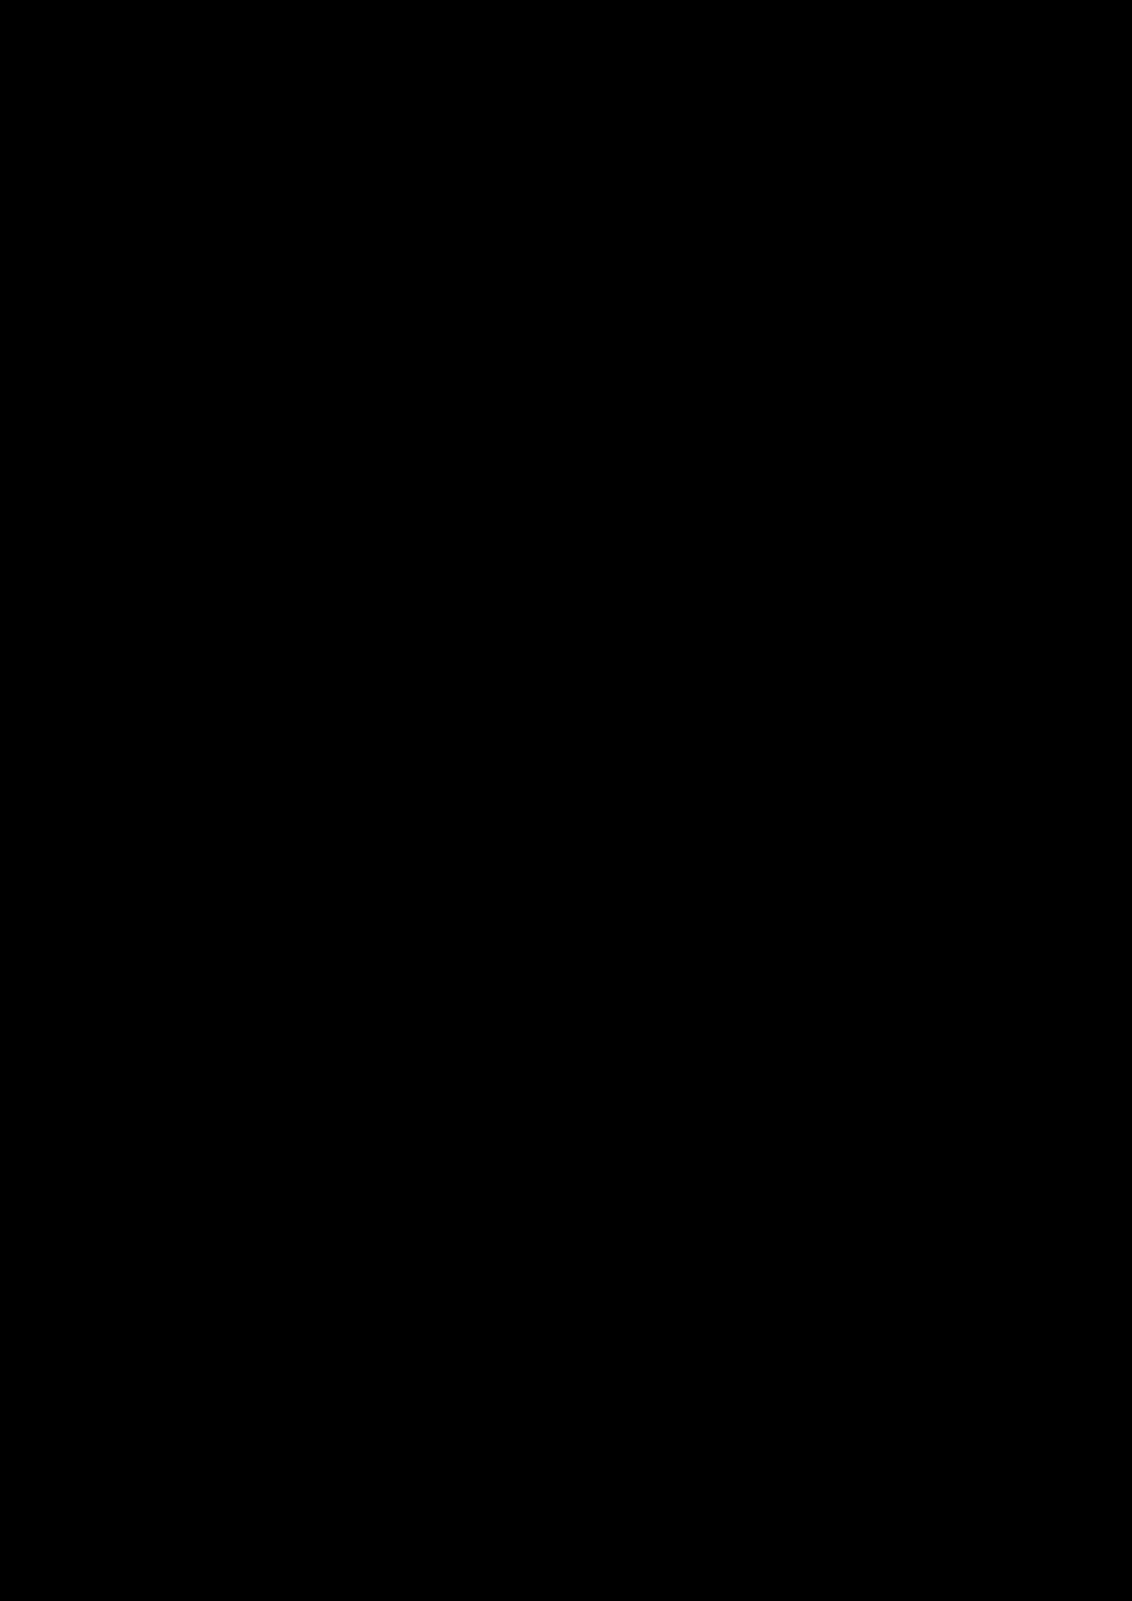 Vyibor Est slide, Image 48